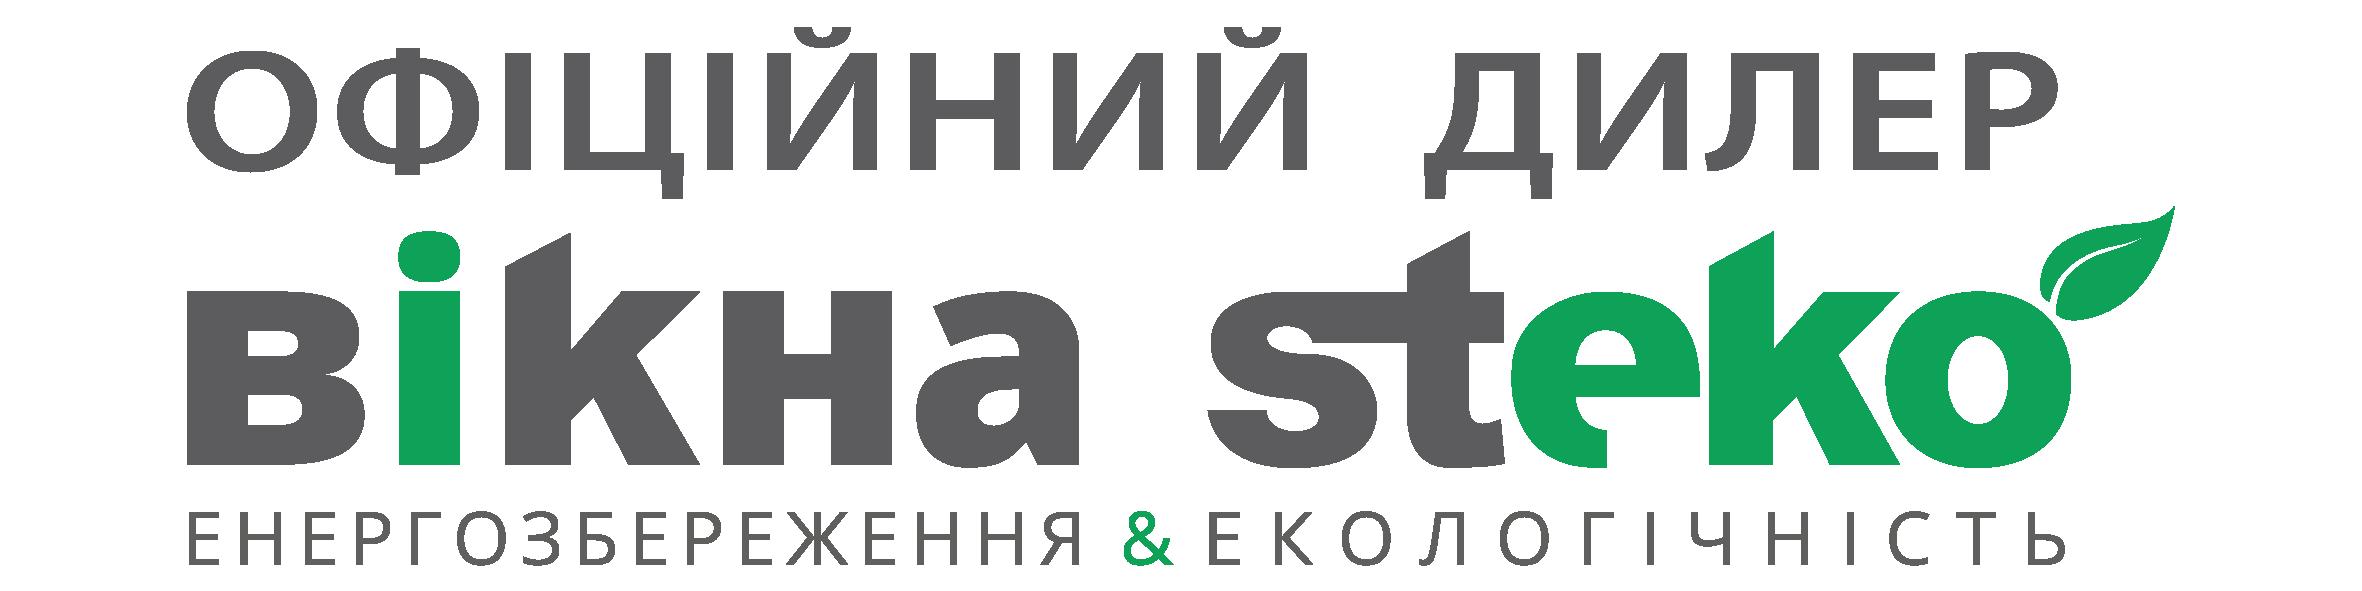 logo-steko-dealer2017